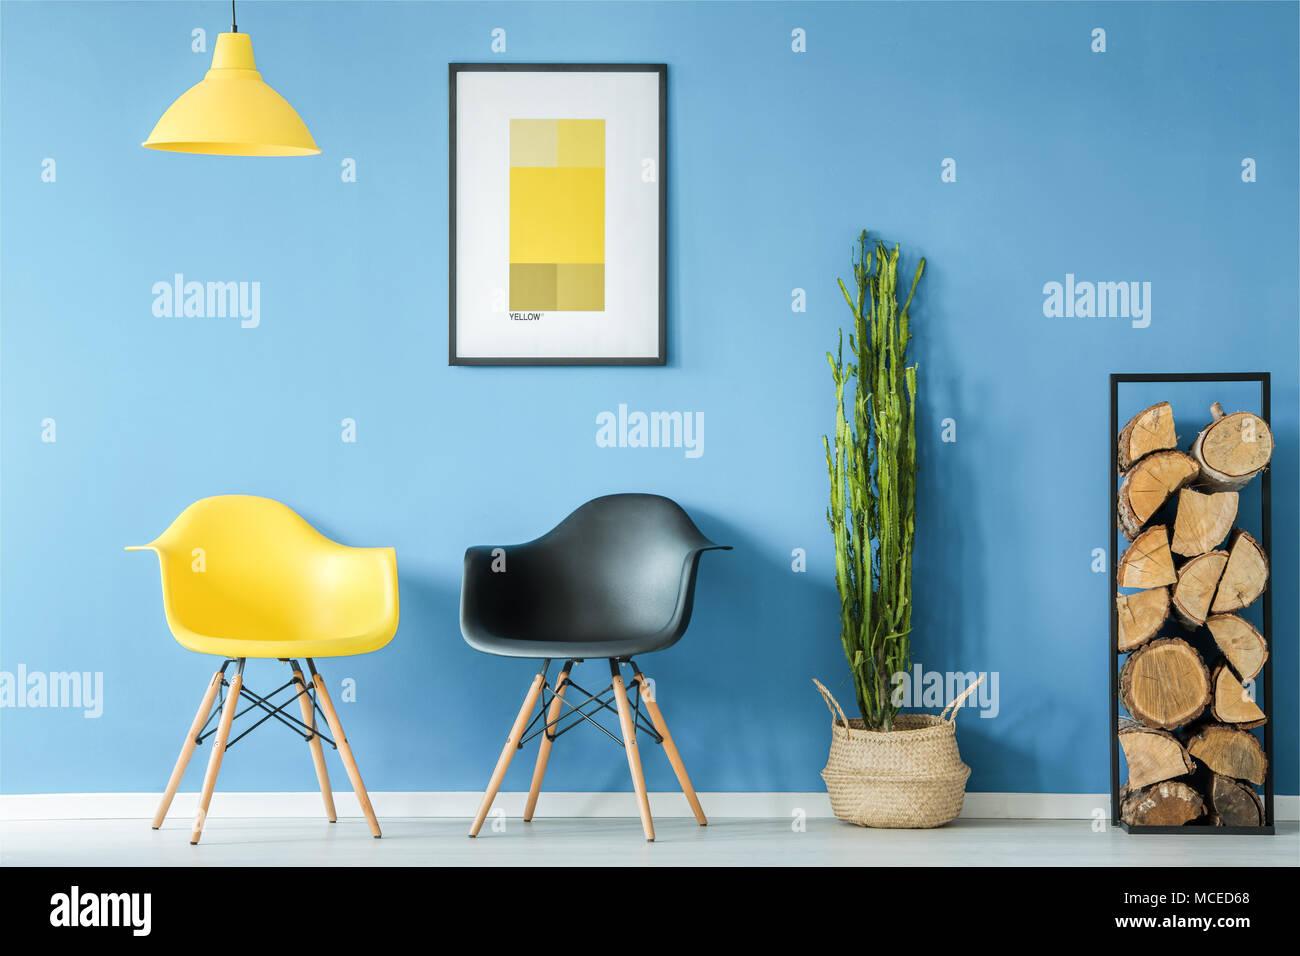 Salle d'attente intérieur dans un style minimaliste avec contraste jaune et noir chaises, lampe, bois, plante dans un pot et une affiche sur un mur bleu Photo Stock